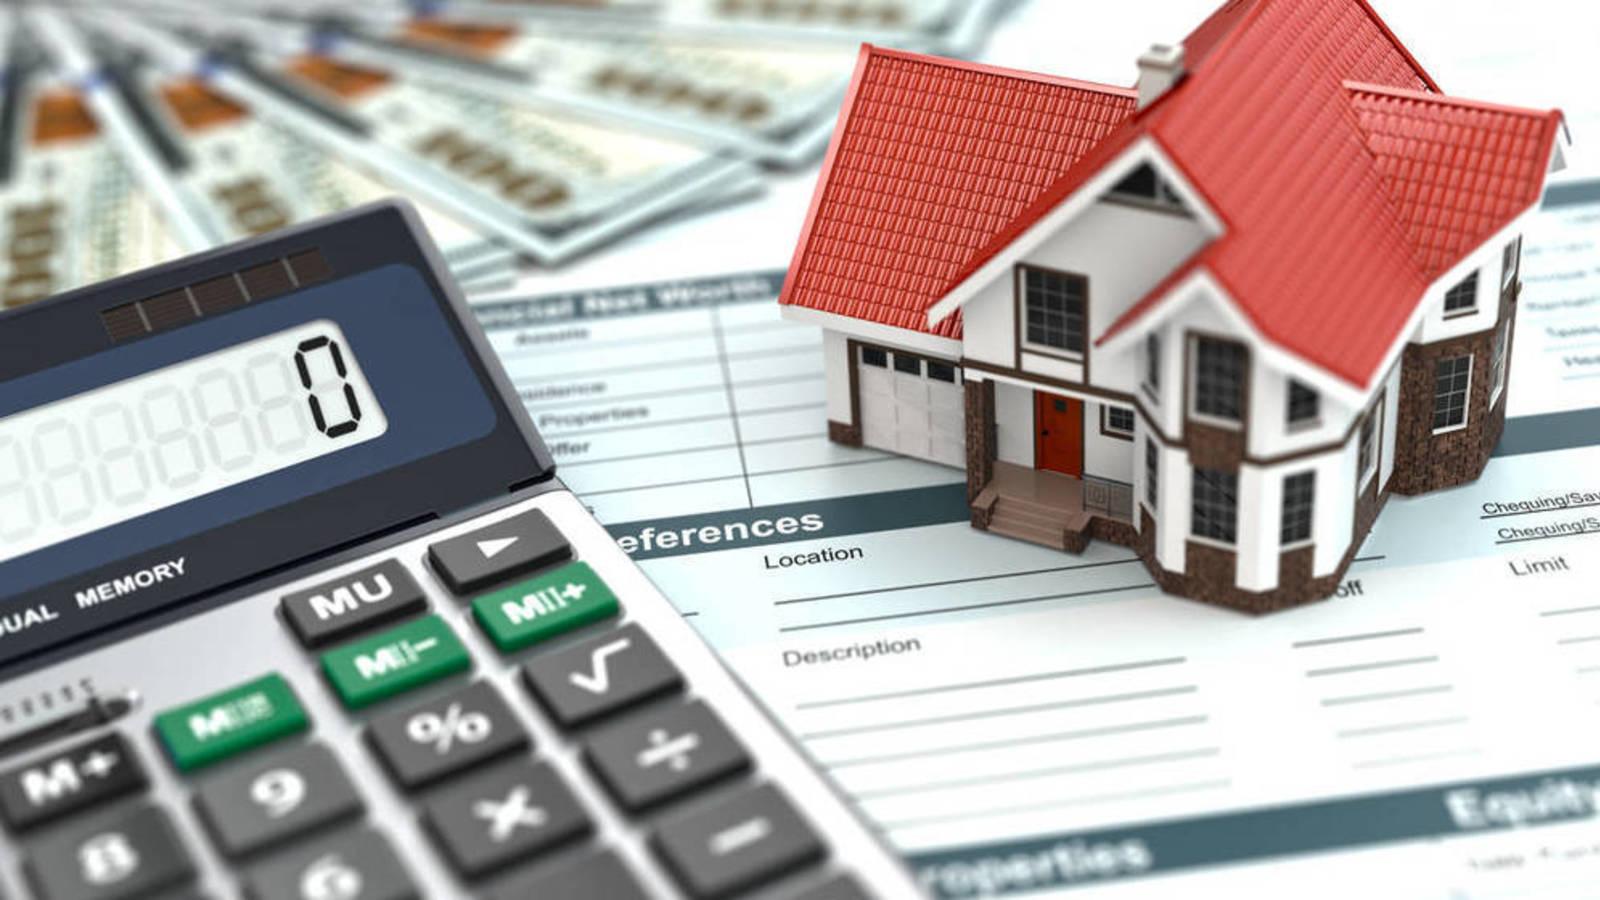 Cu ndo necesito considerar una hipoteca c lculo de - Que necesito para pedir una hipoteca ...